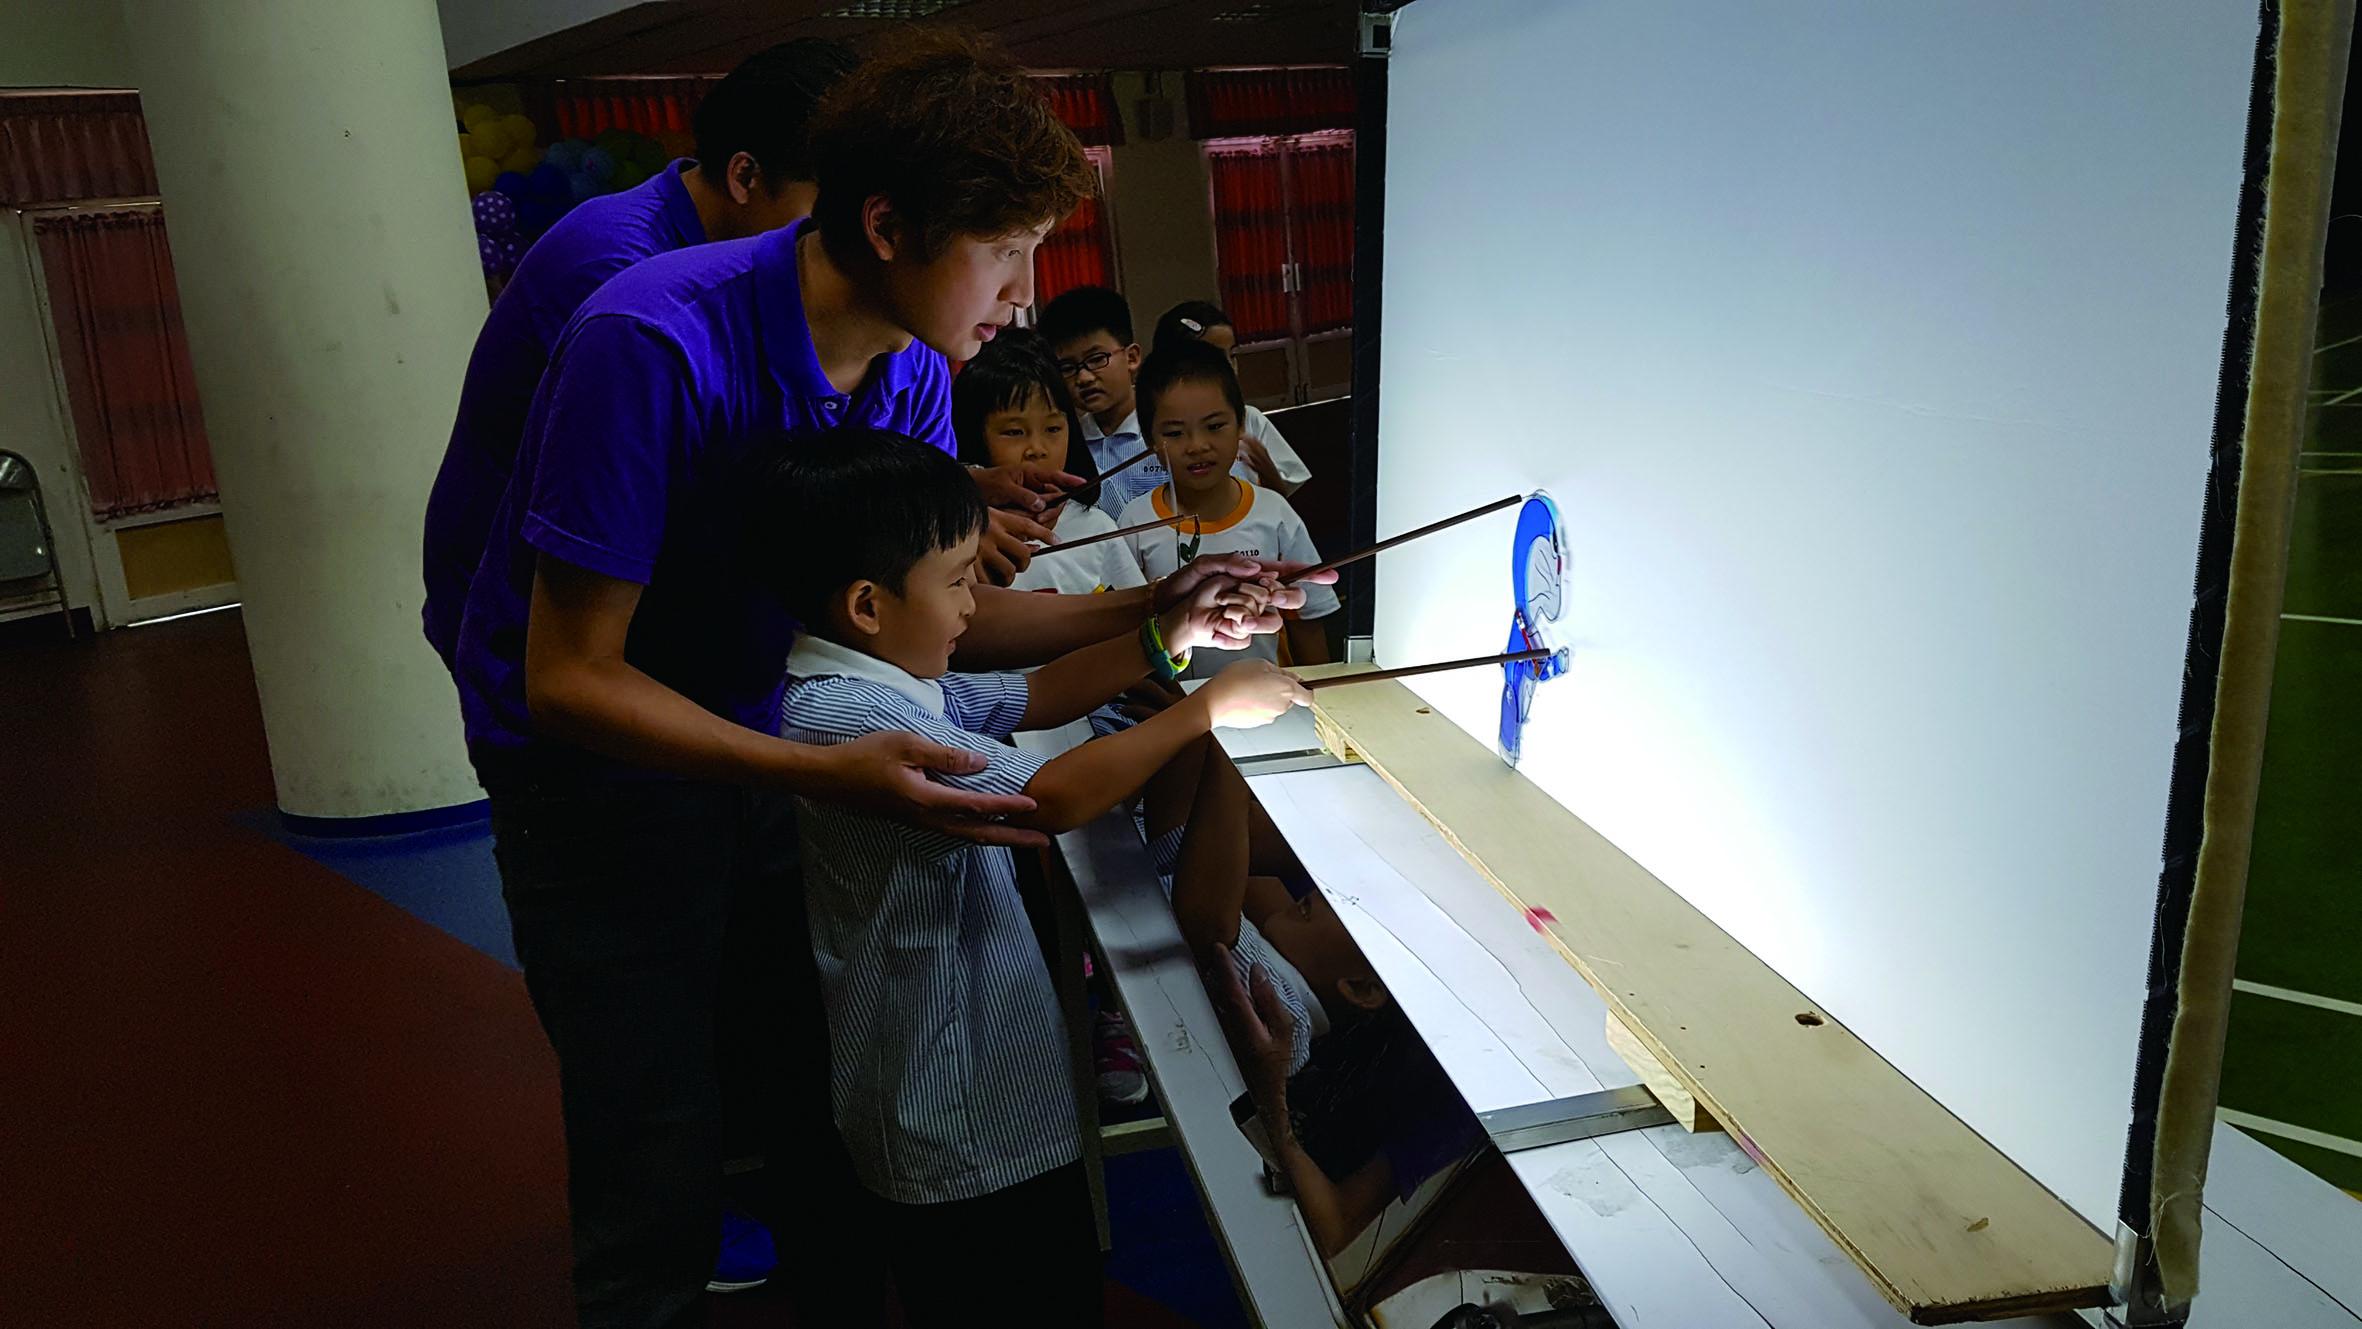 蕭乃誠是蕭孟通的弟弟,工作之餘也會到劇團教導小學生體驗操偶。.jpg